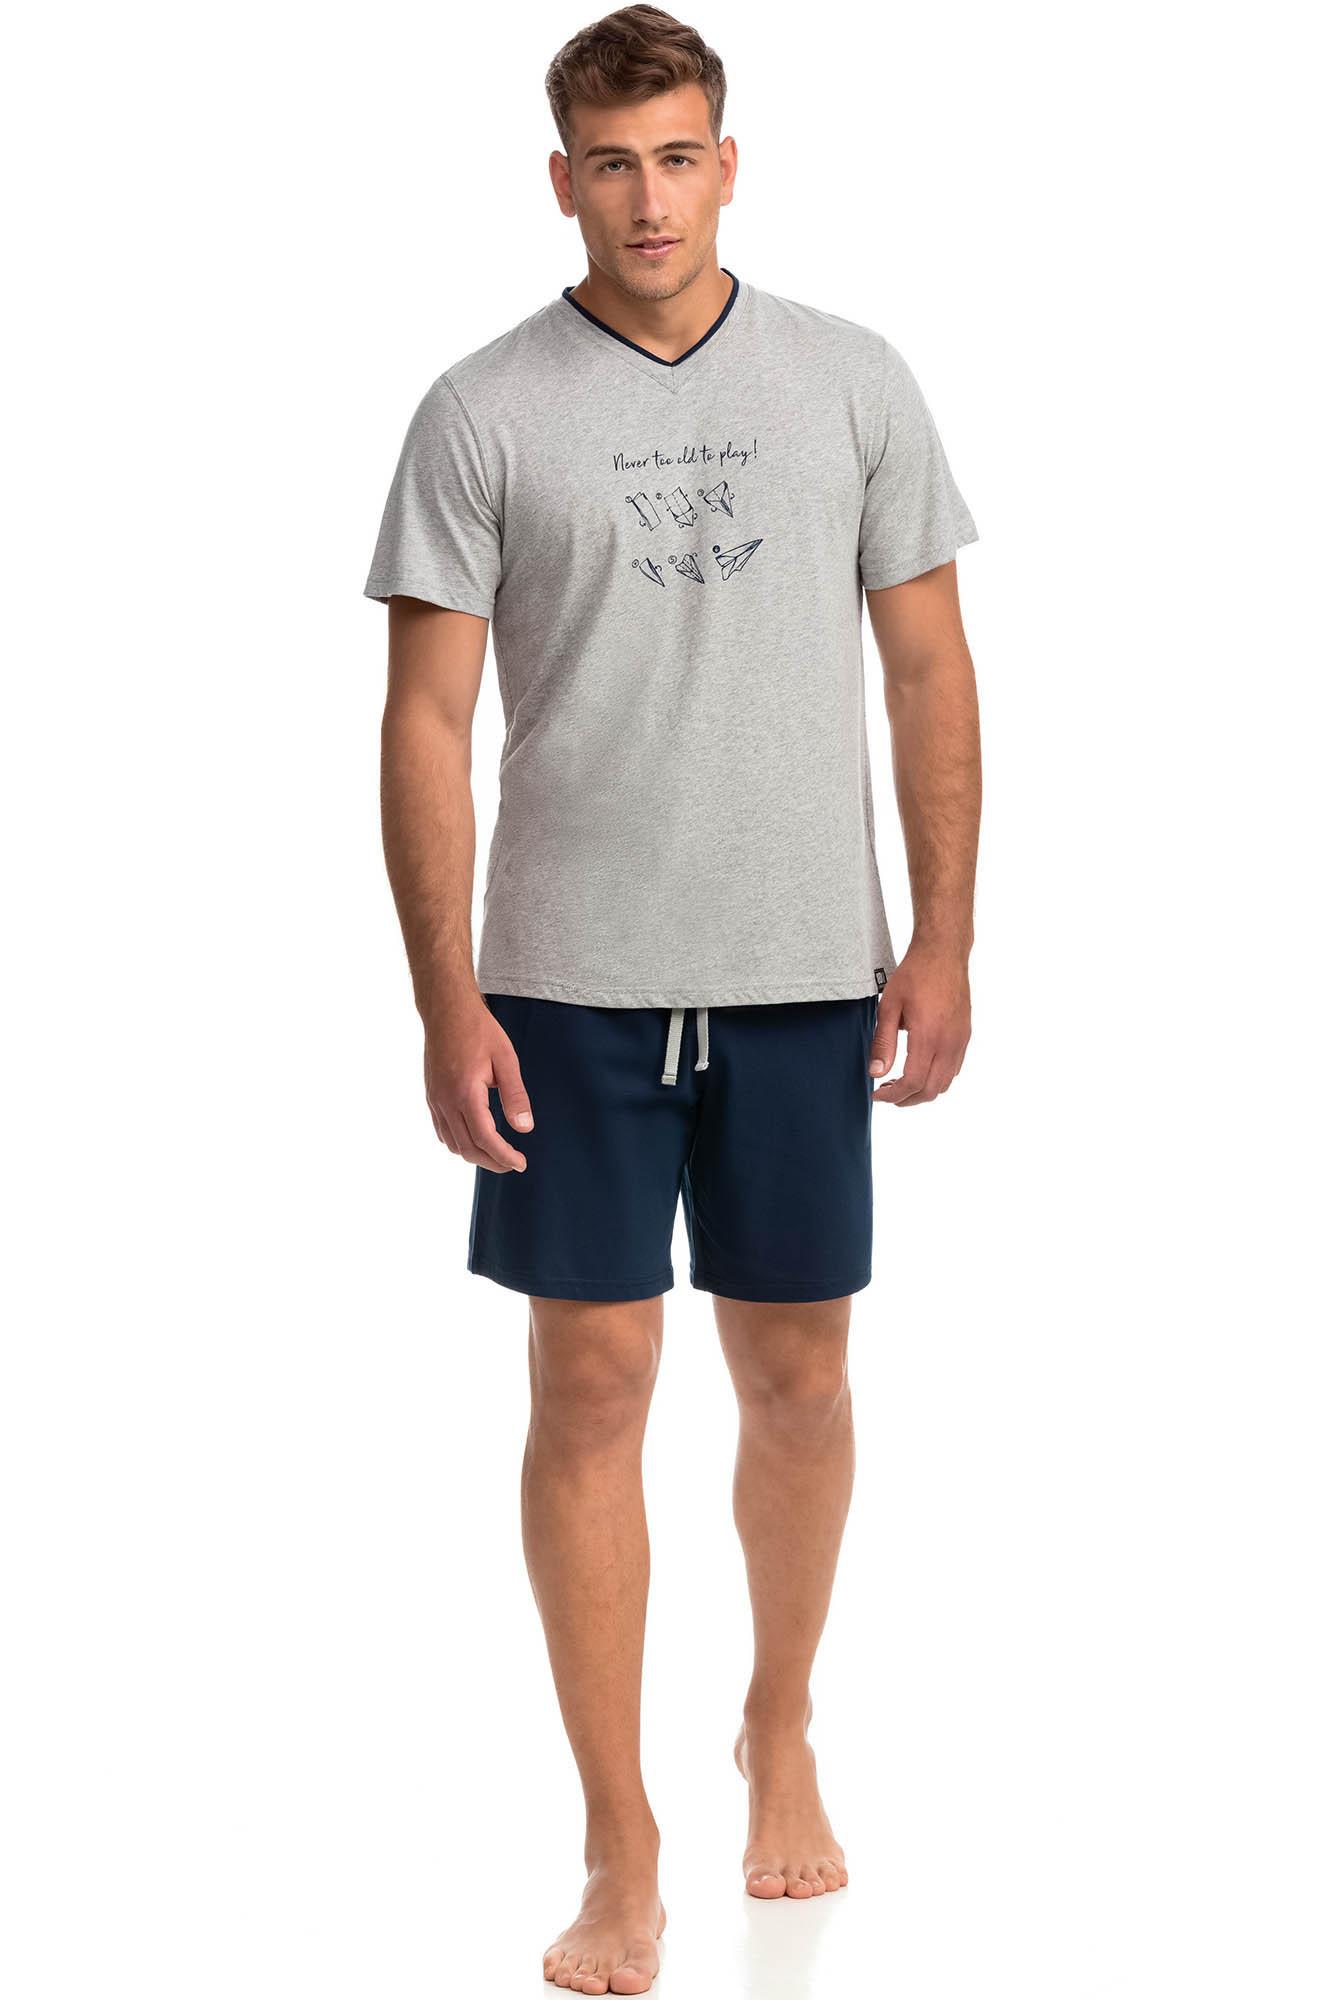 Vamp - Pohodlné dvojdielne pánske pyžamo 14750 - Vamp gray melange m